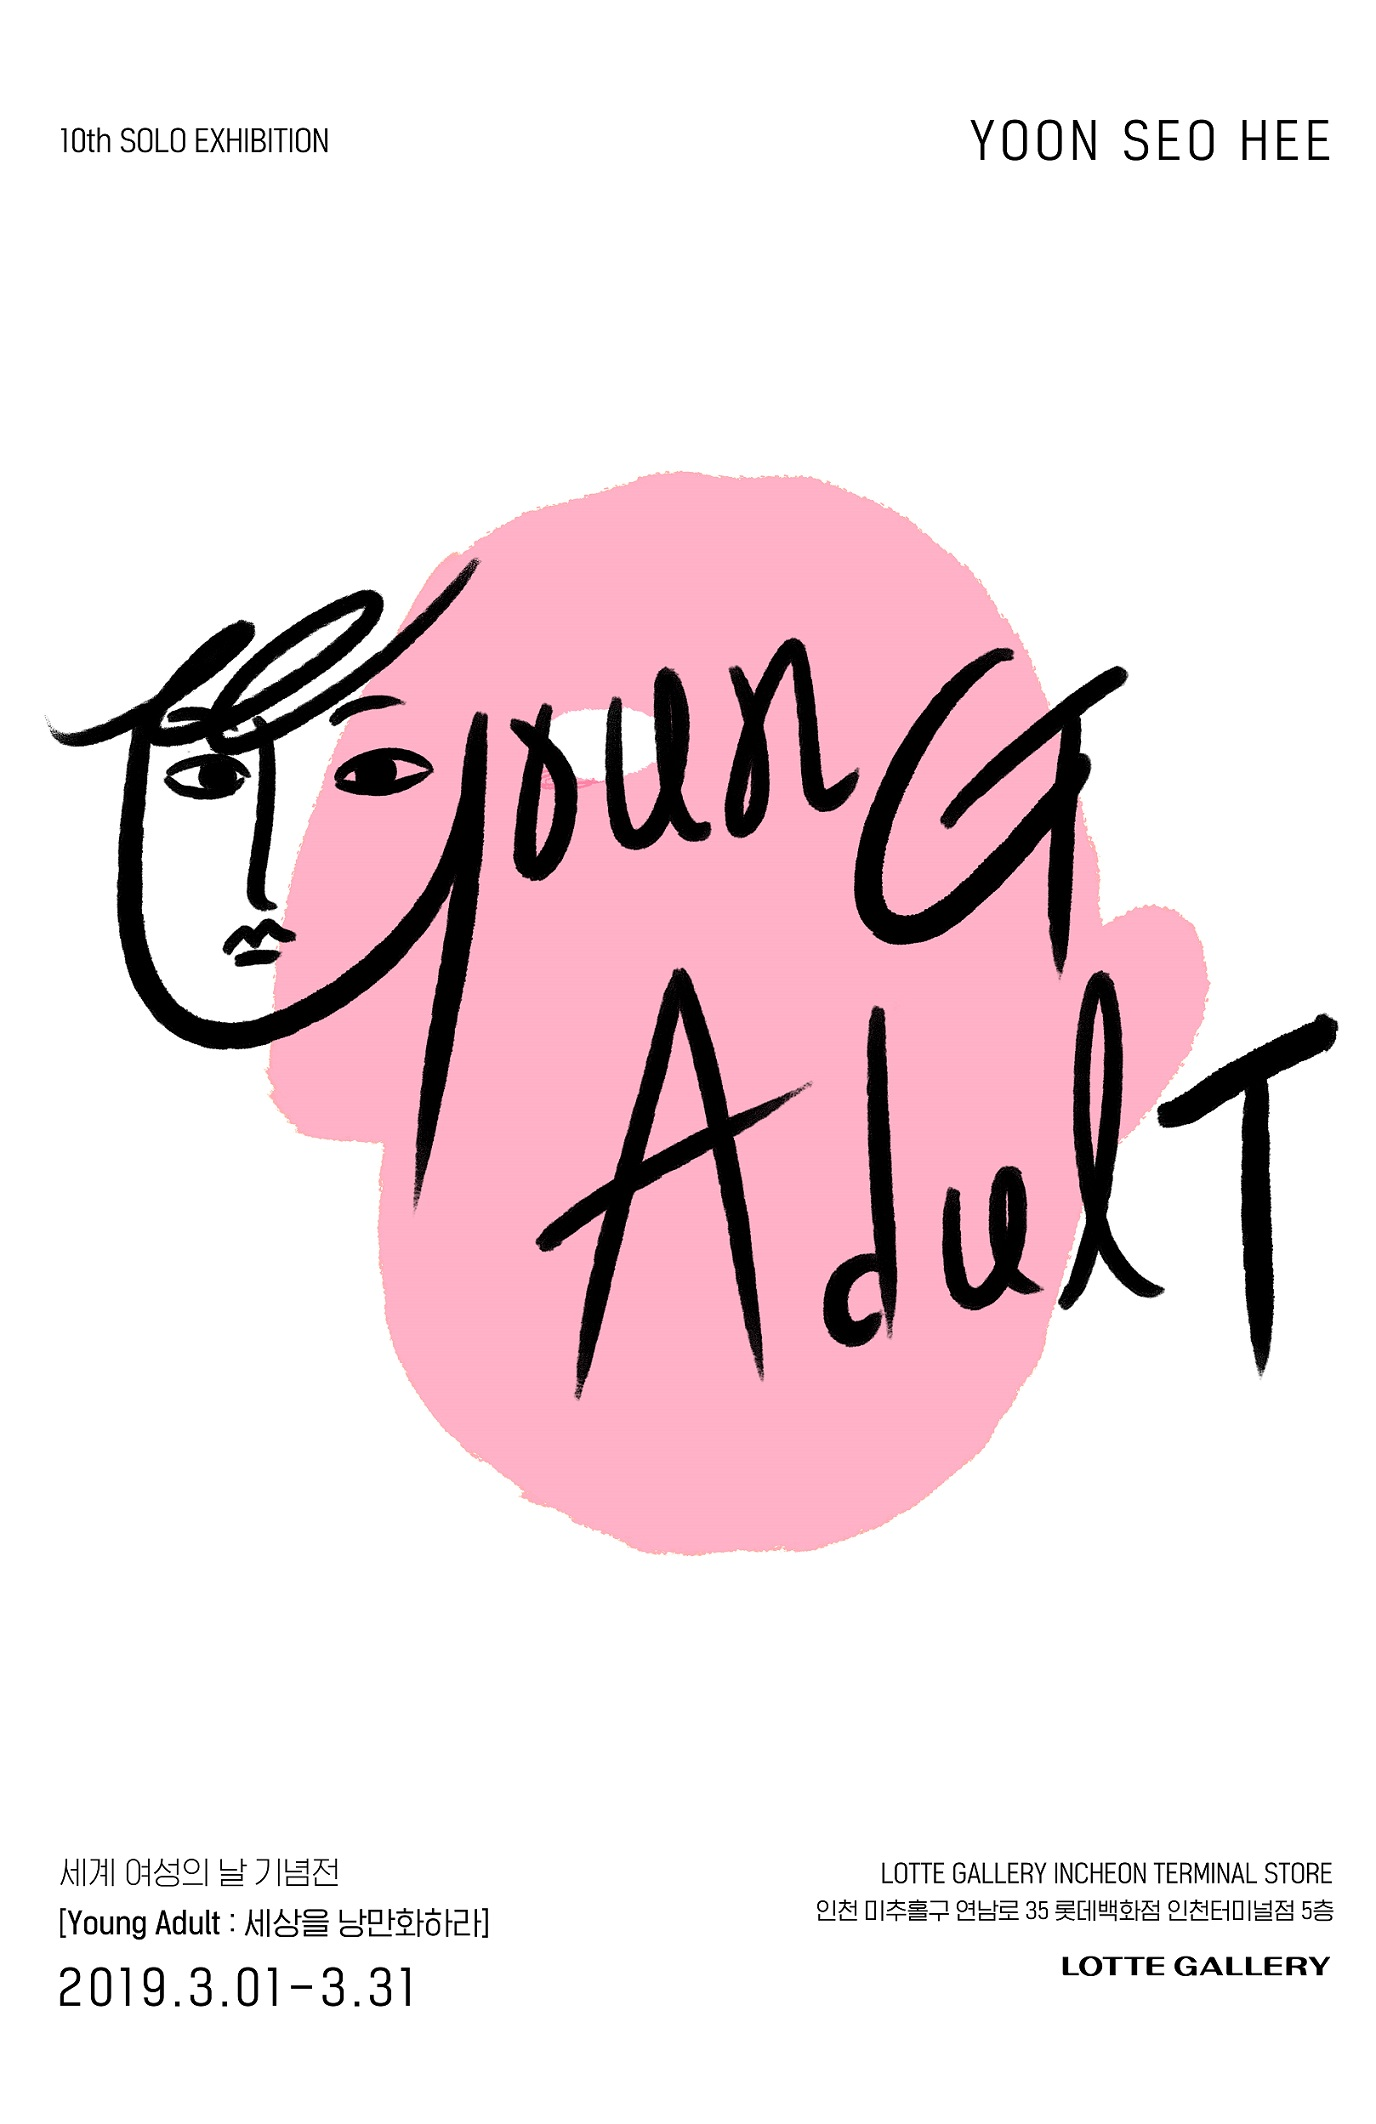 윤서희 개인전: Young Adult